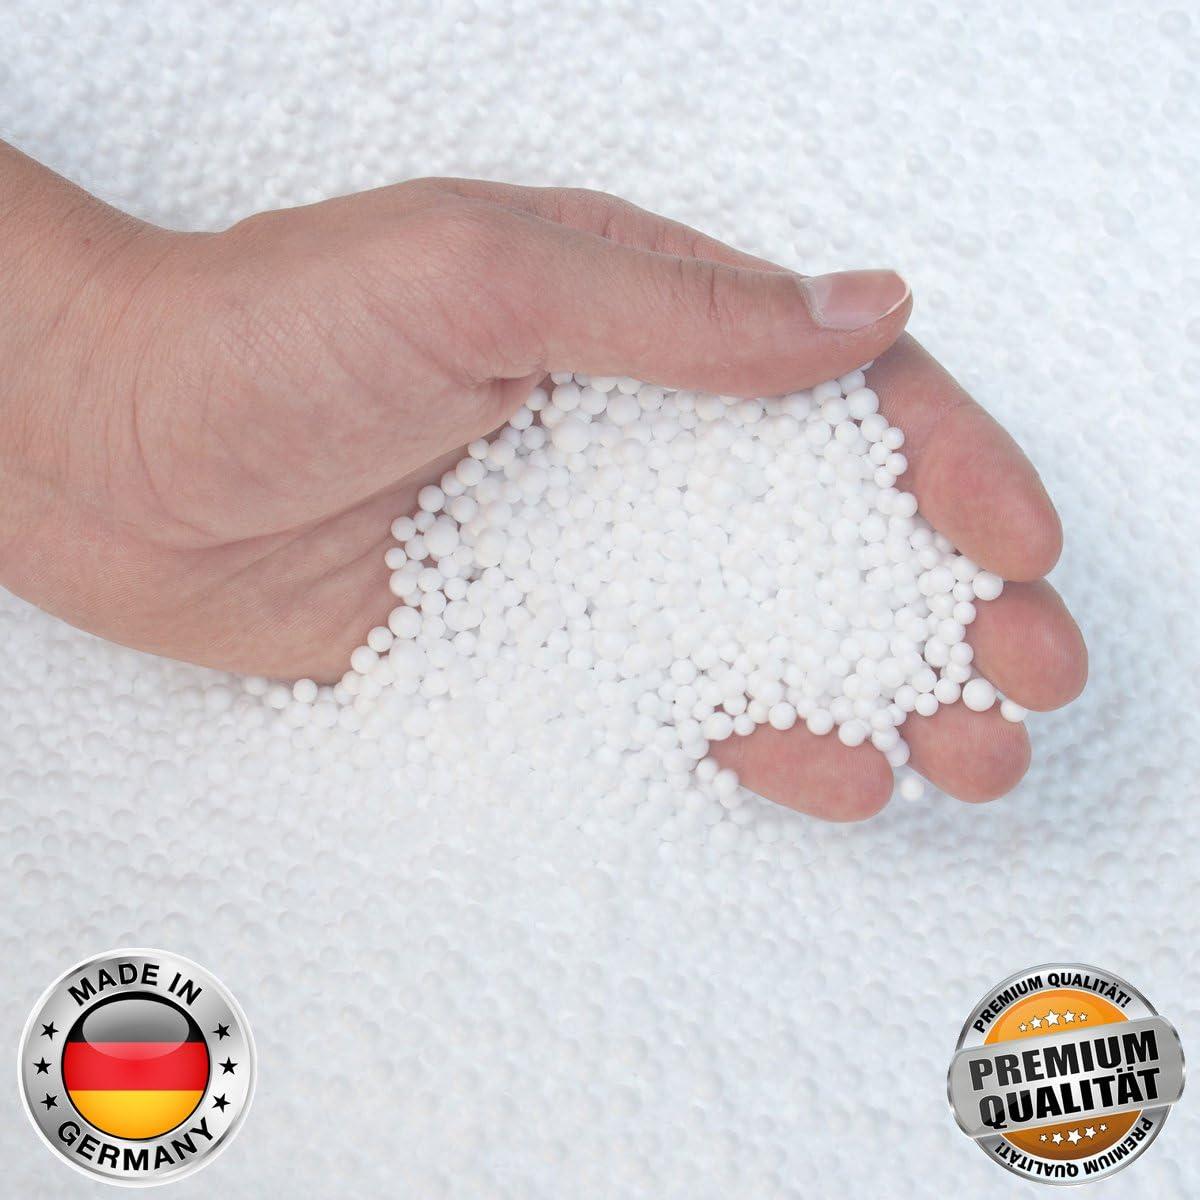 HDI Orginal Deutsche Marken EPS Perlen//Styropork/ügelchen Premium Qualit/ät bestens geeignet f/ür sehr Hochwertige Sitzs/äcke 1 Liter